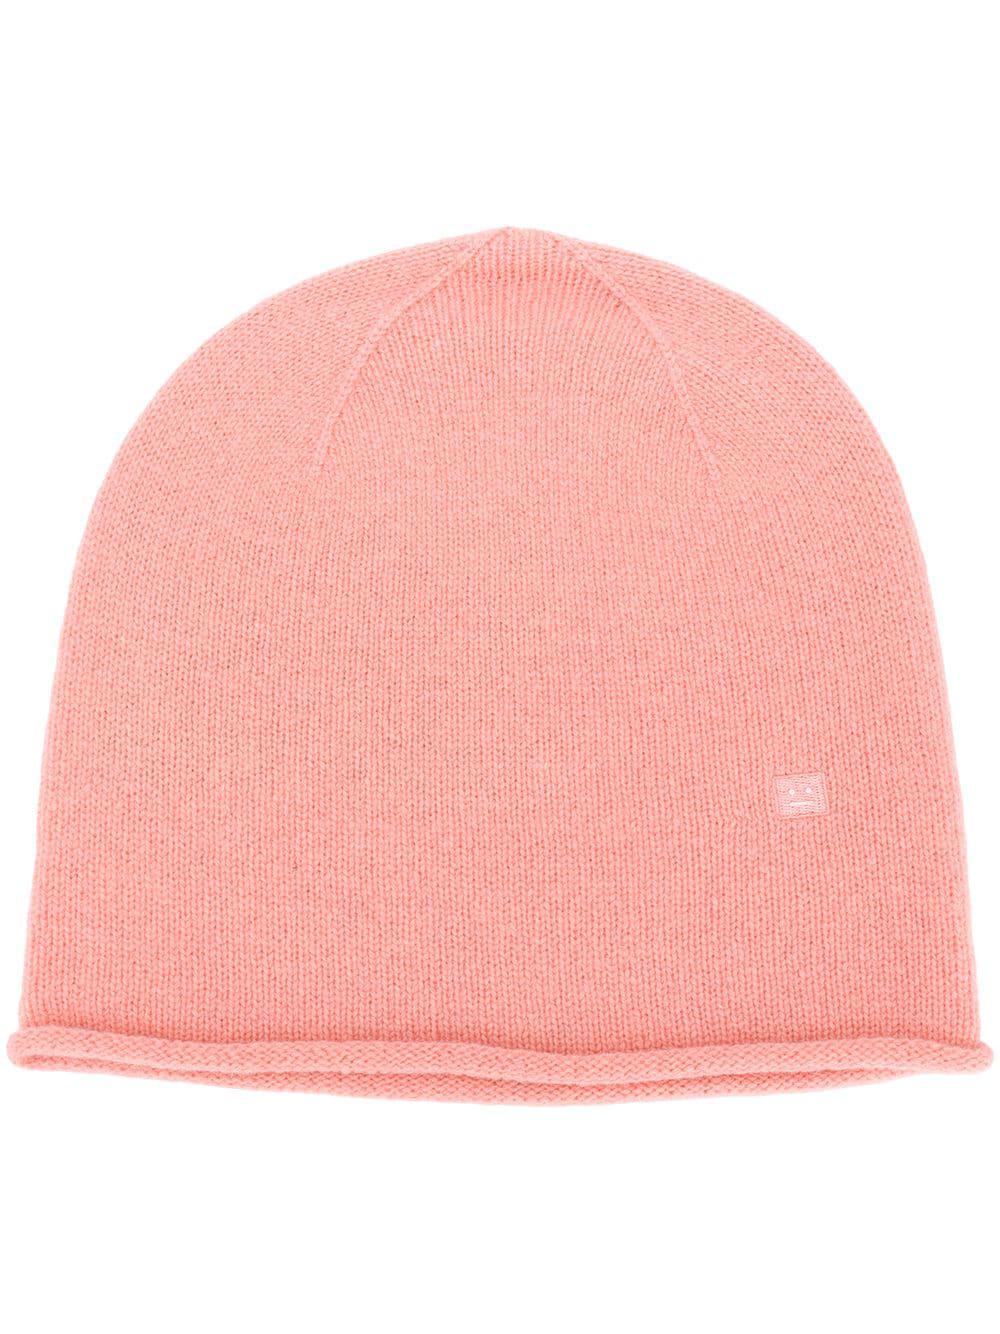 740d74a584d Acne Studios Lightweight Beanie - Pink